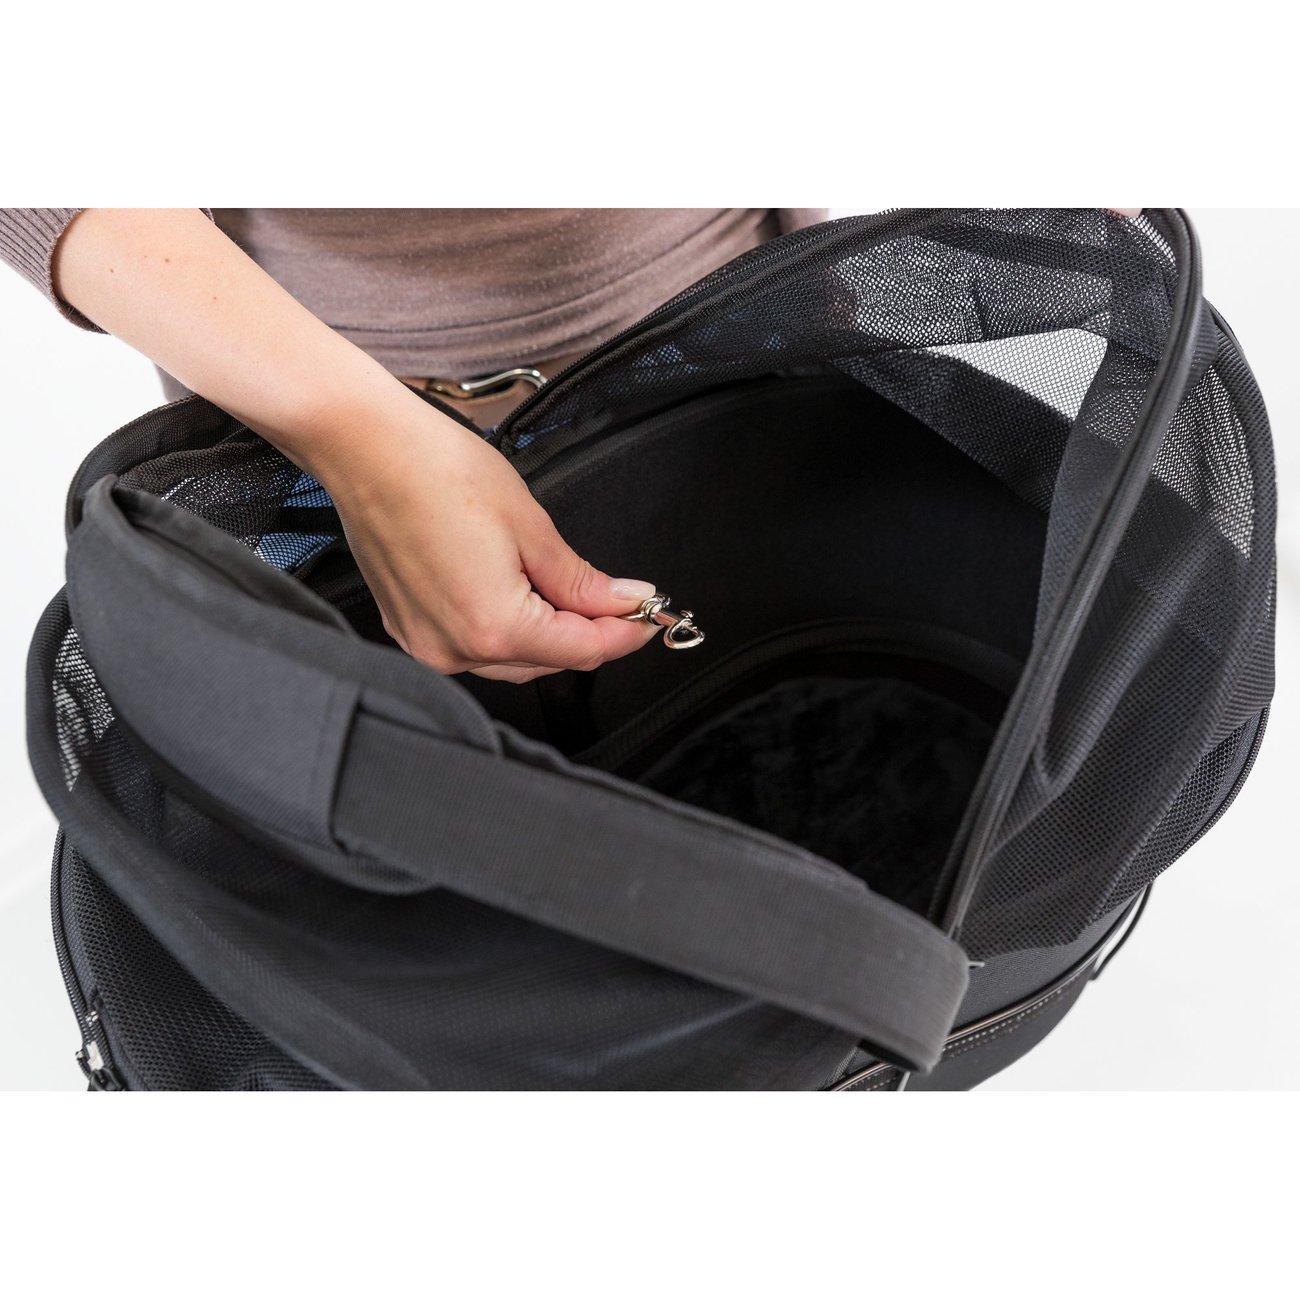 Fahrradtasche mit Metallrahmen für breite Gepäckträger Bild 11